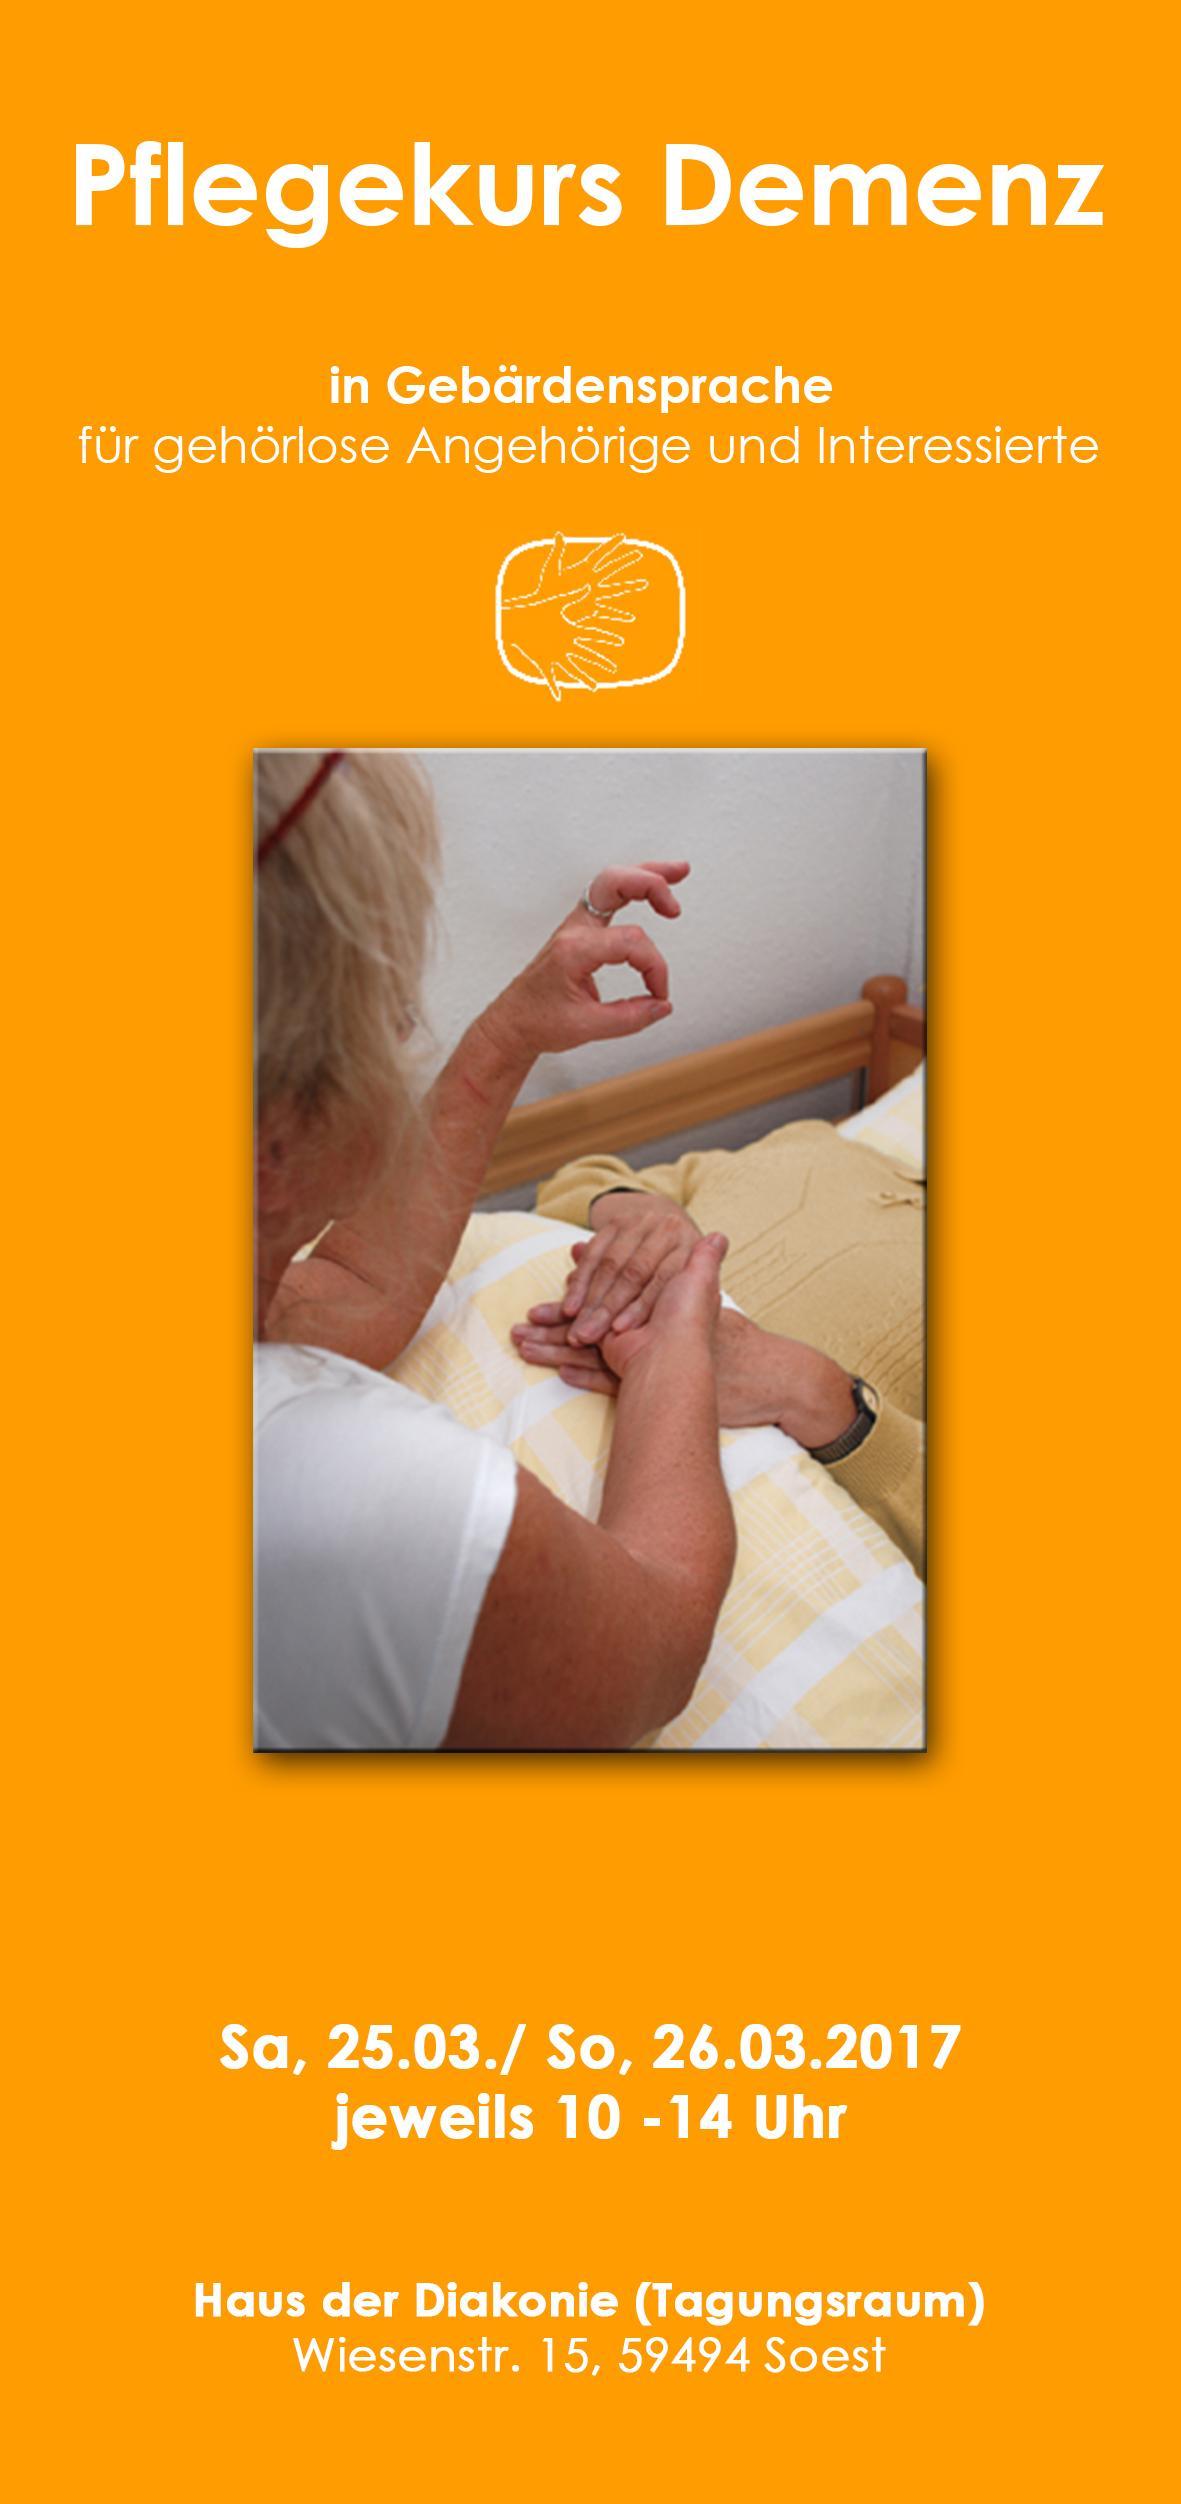 Kostenloser Pflegekurs Demenz für gehörlose Angehörige in Soest